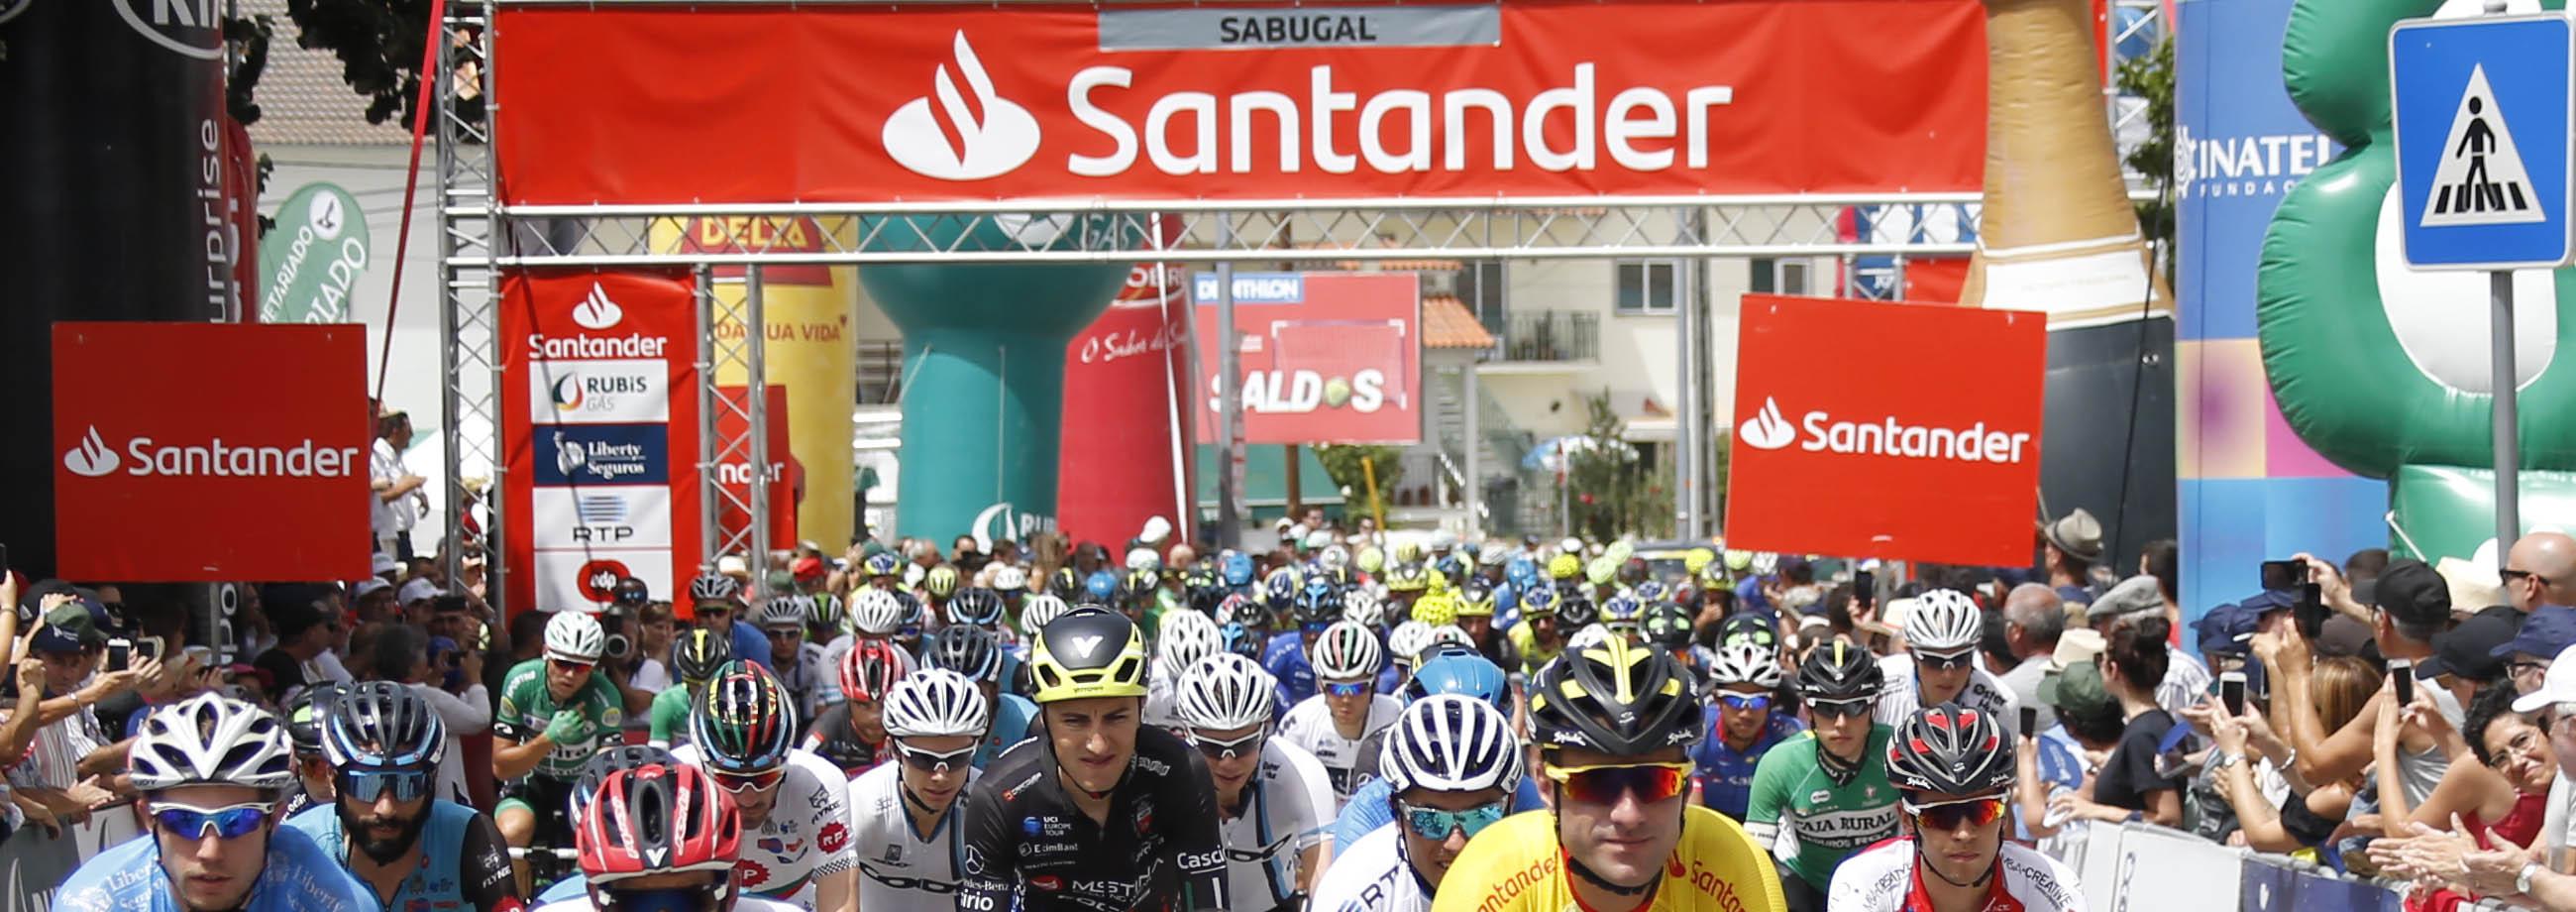 80ª Volta a Portugal Santander - Direto da 5ª Etapa b88244a306d45